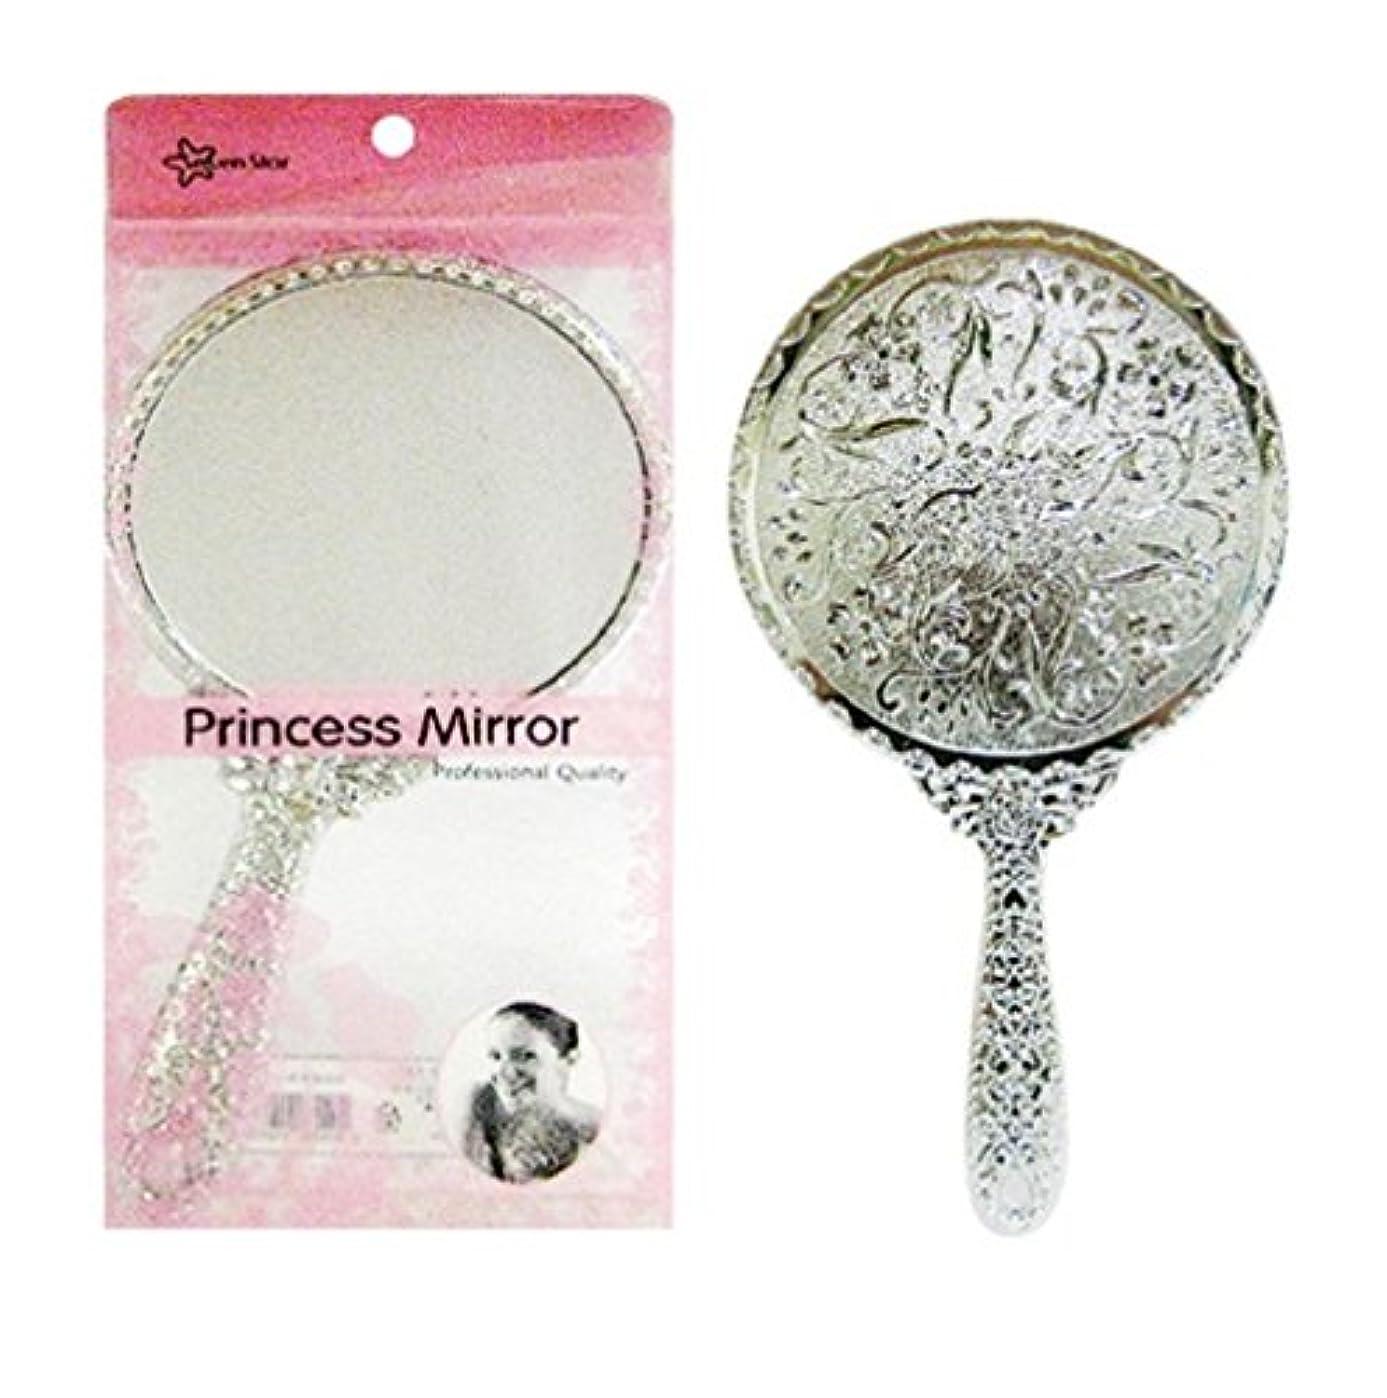 団結する広々警官送料無料 持ち歩きサイズ 丸型 鏡 キラキラお姫様ミラー メッキハンドミラー シルバー 装飾鏡